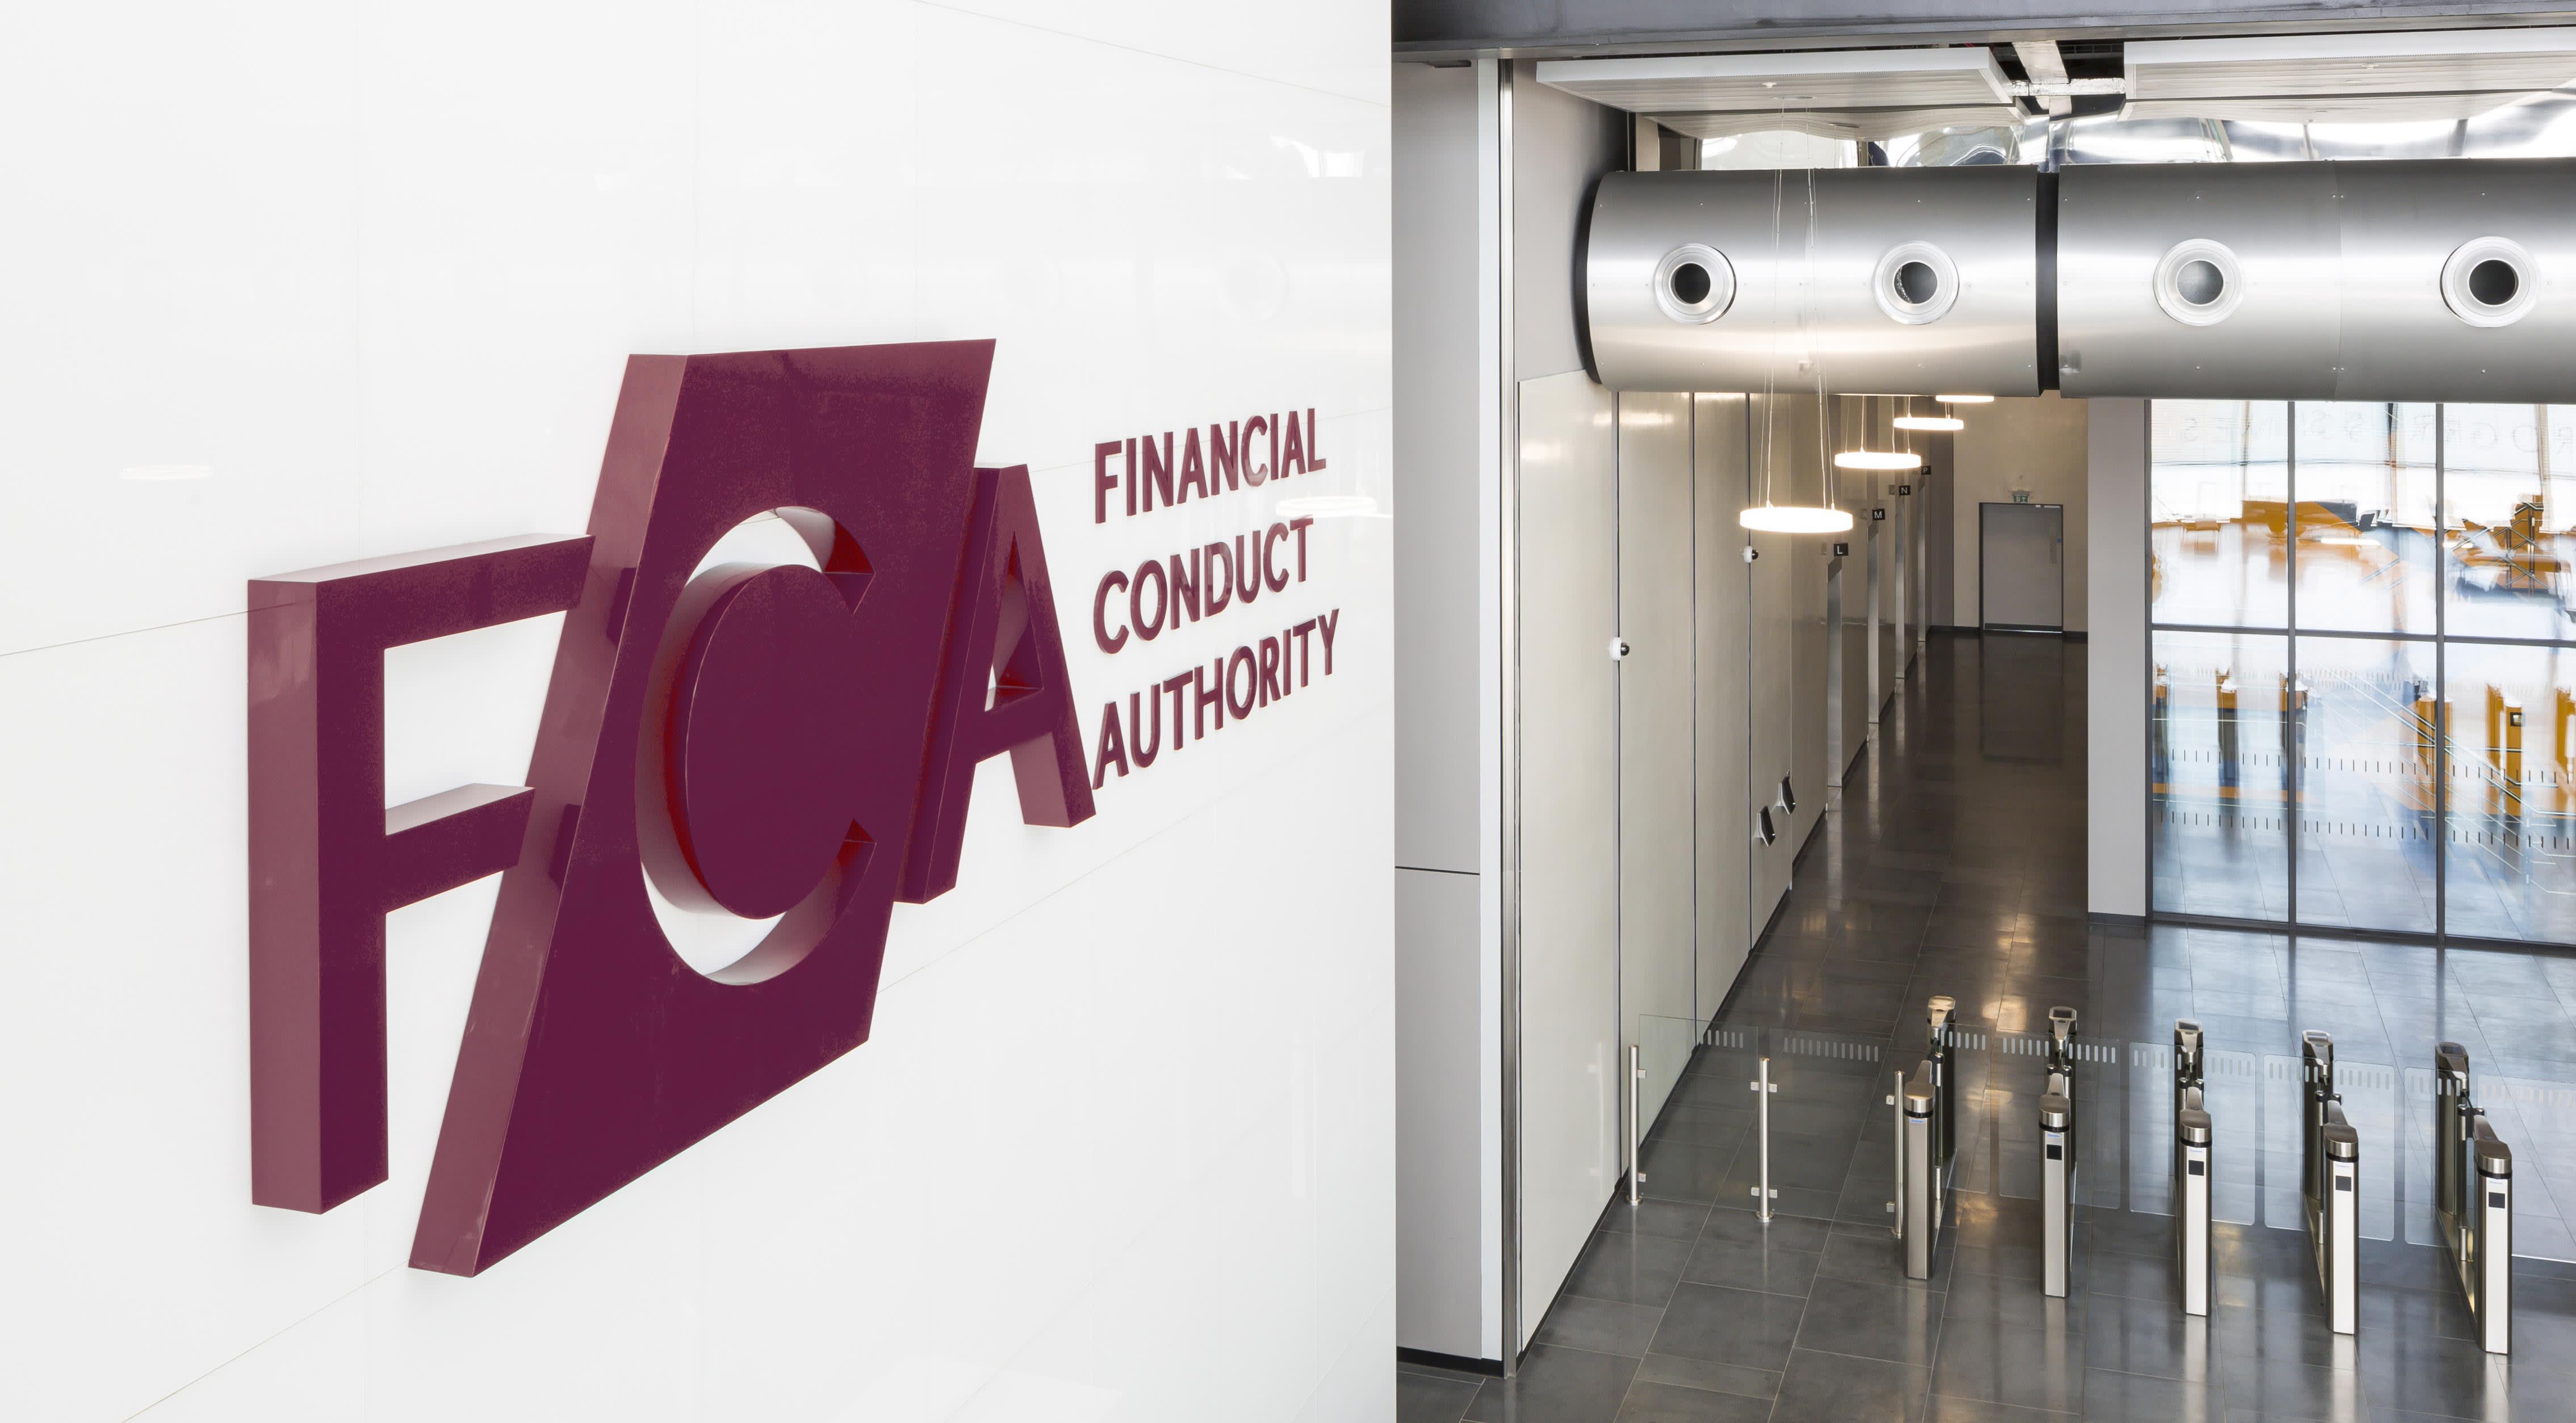 FCA sticks to bias training despite govt 'phase out'